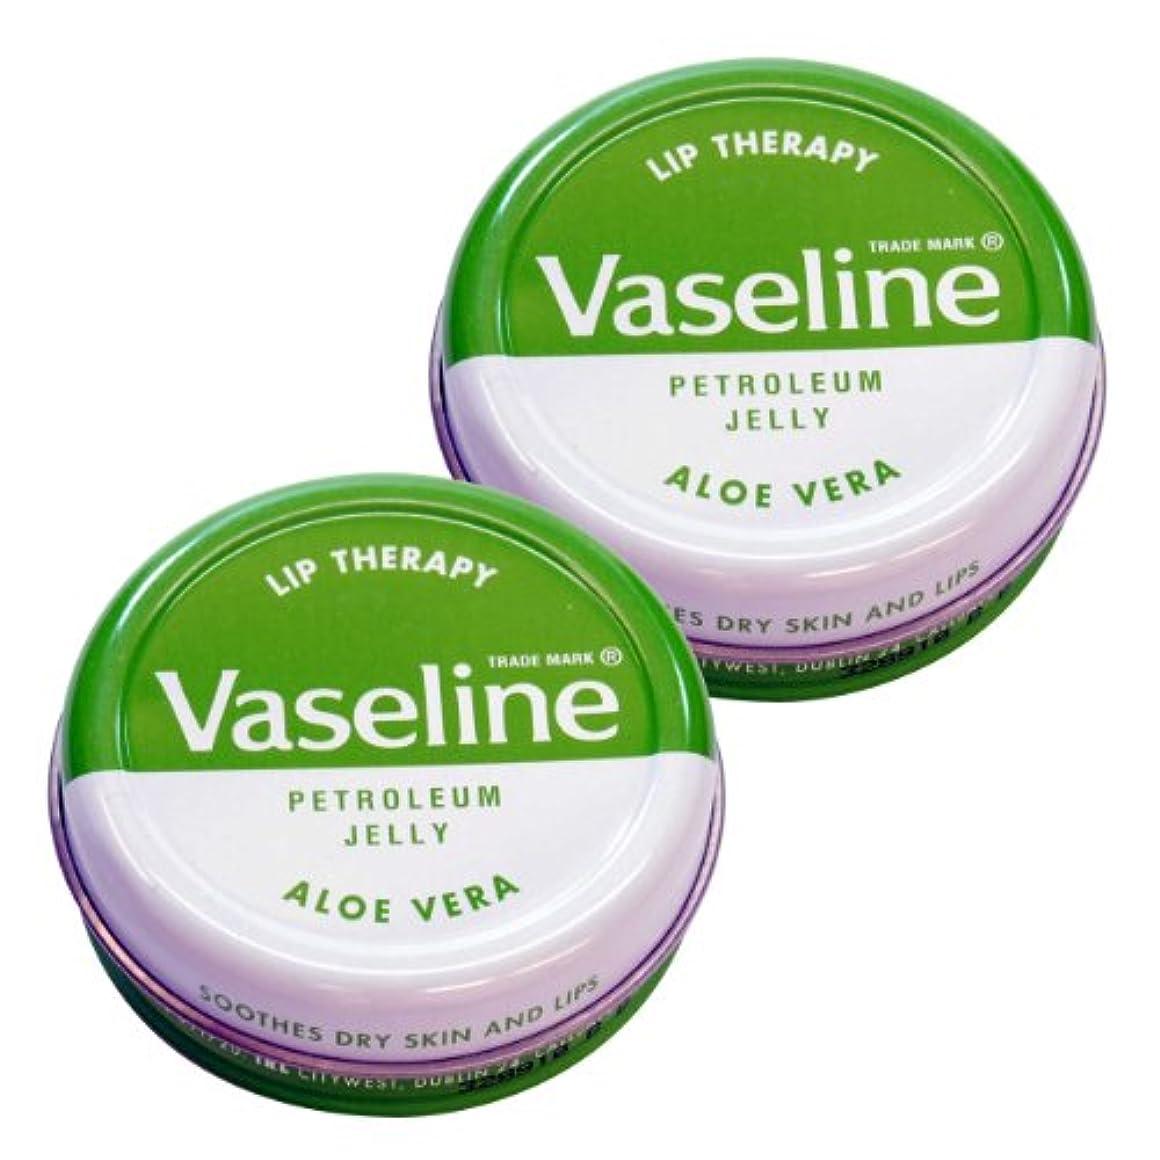 爆風新聞真実にVaseline Lip Therapy <ヴァセリン リップセラピー> 20g Aloe <アロエ> 2個セット 【並行輸入品】【海外直送品】